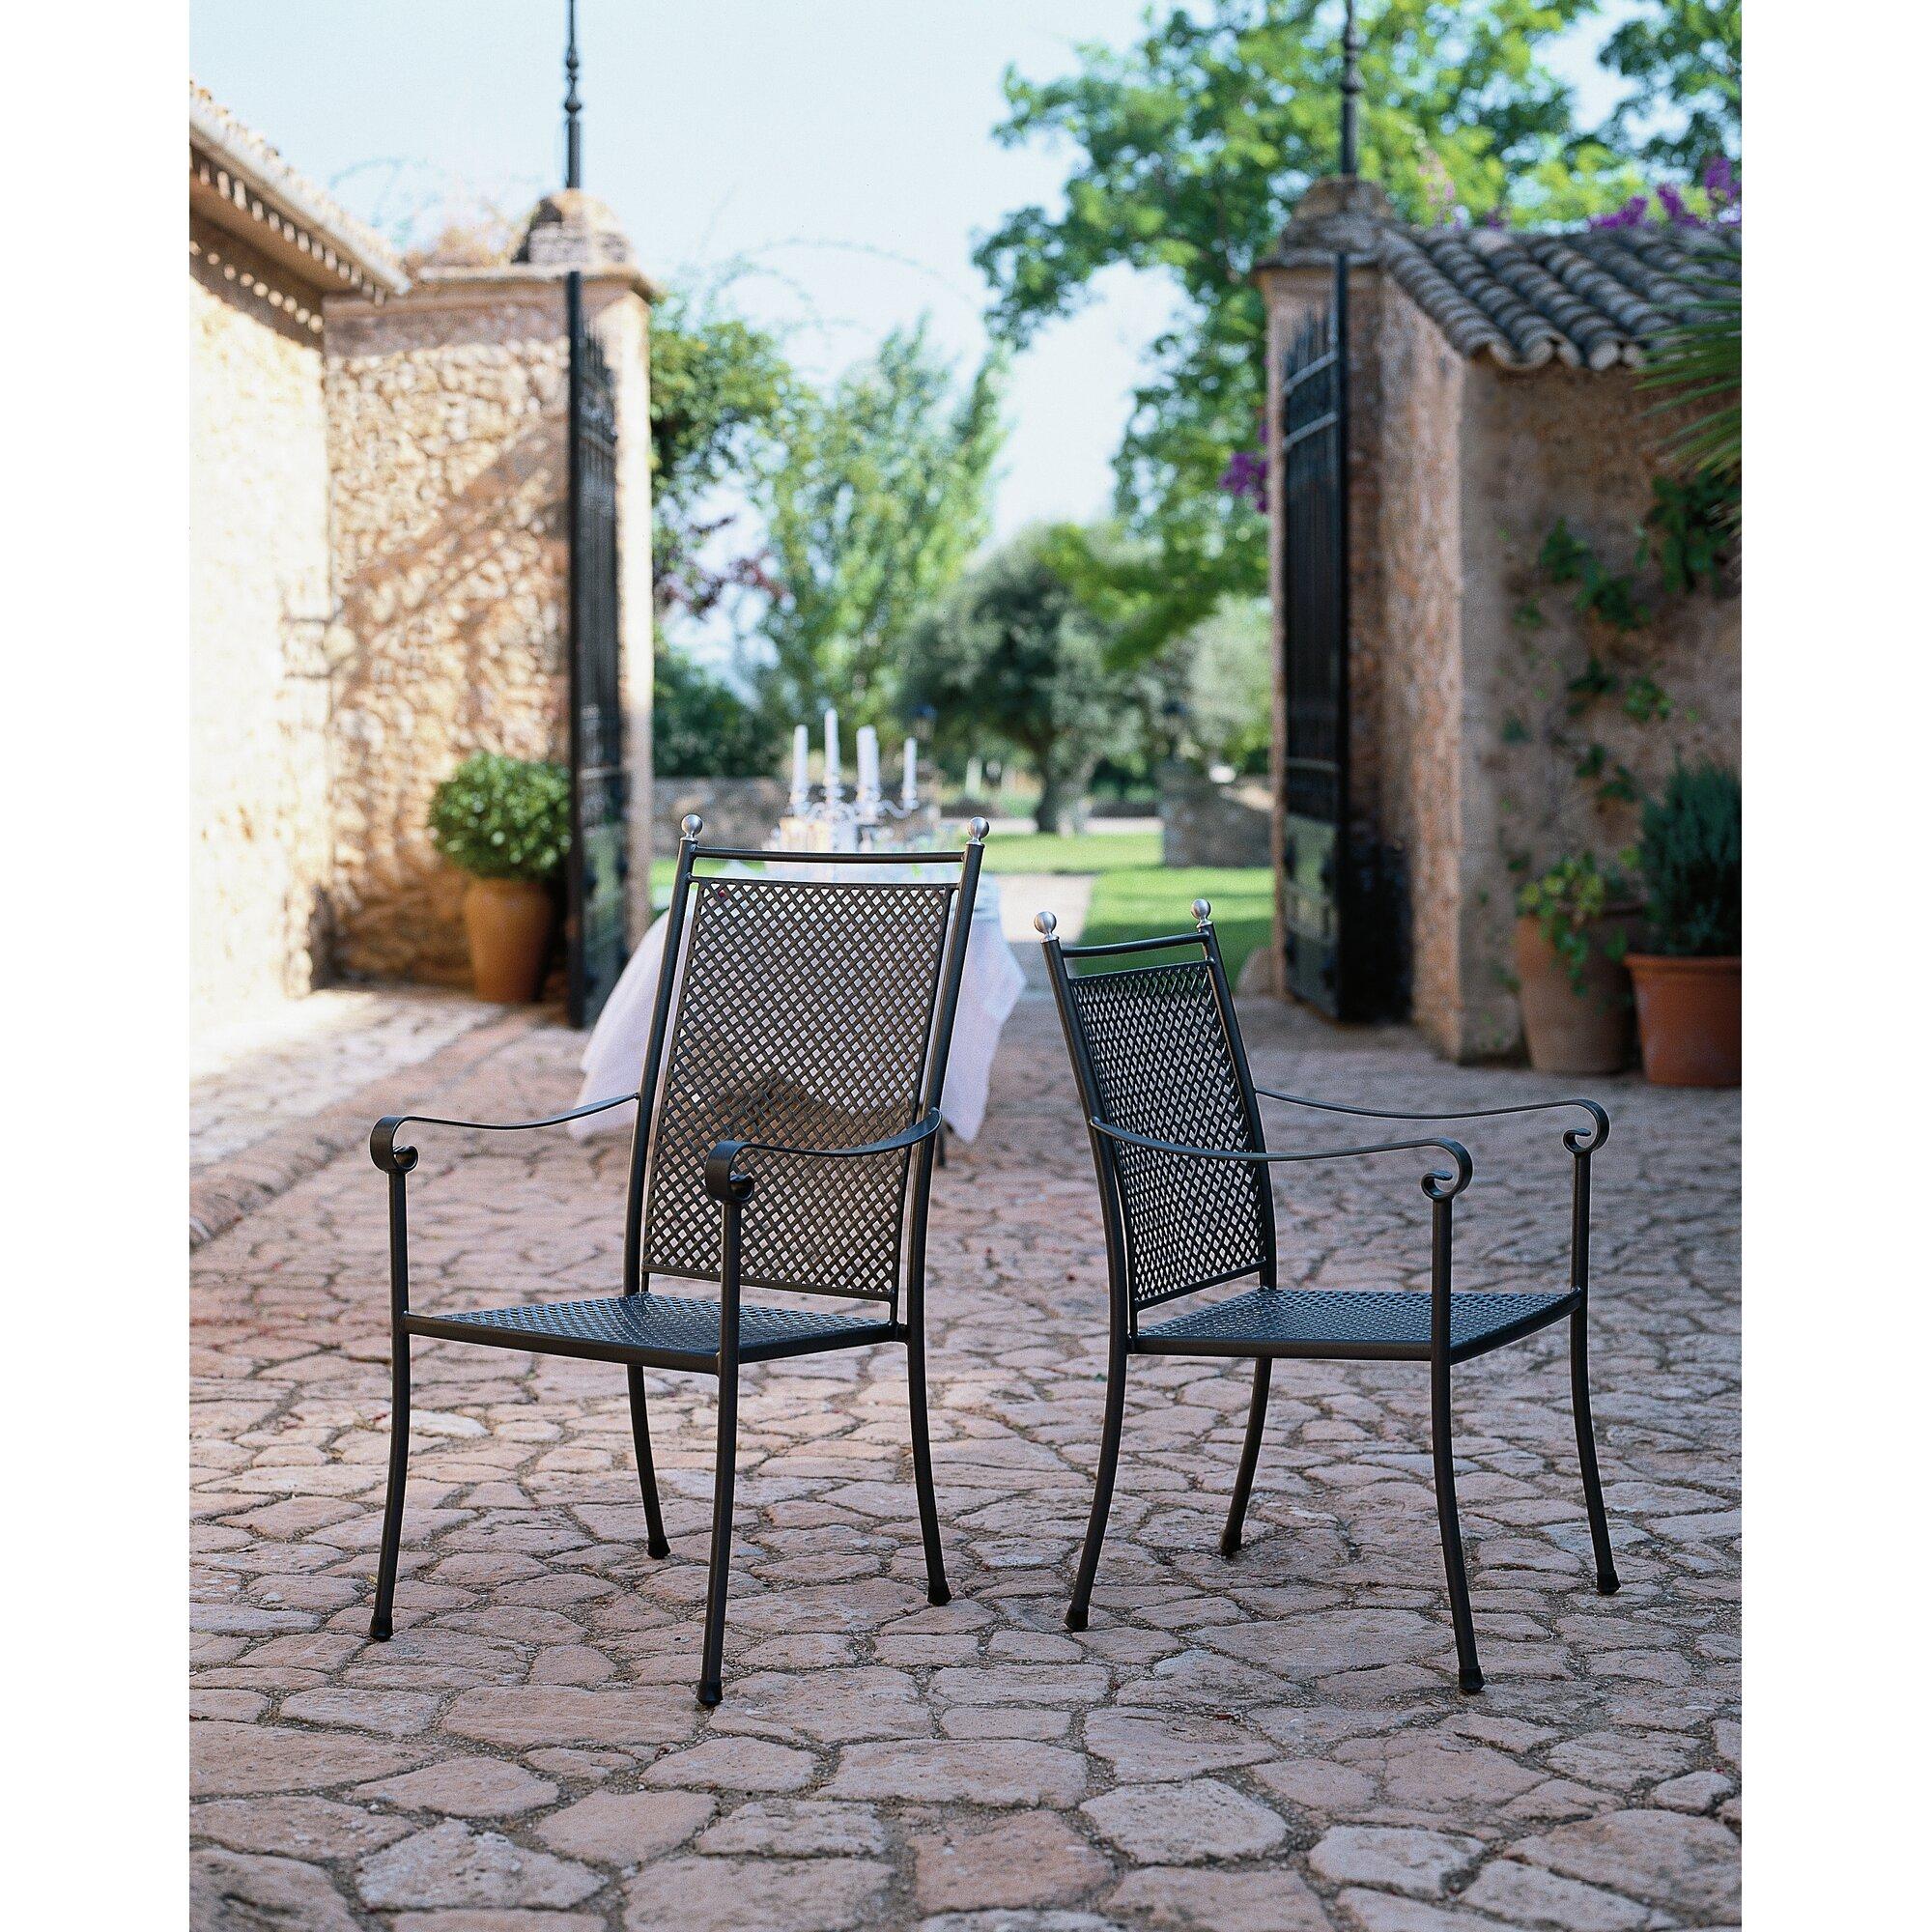 mwh stapelbares gartenstuhl set royal garden. Black Bedroom Furniture Sets. Home Design Ideas